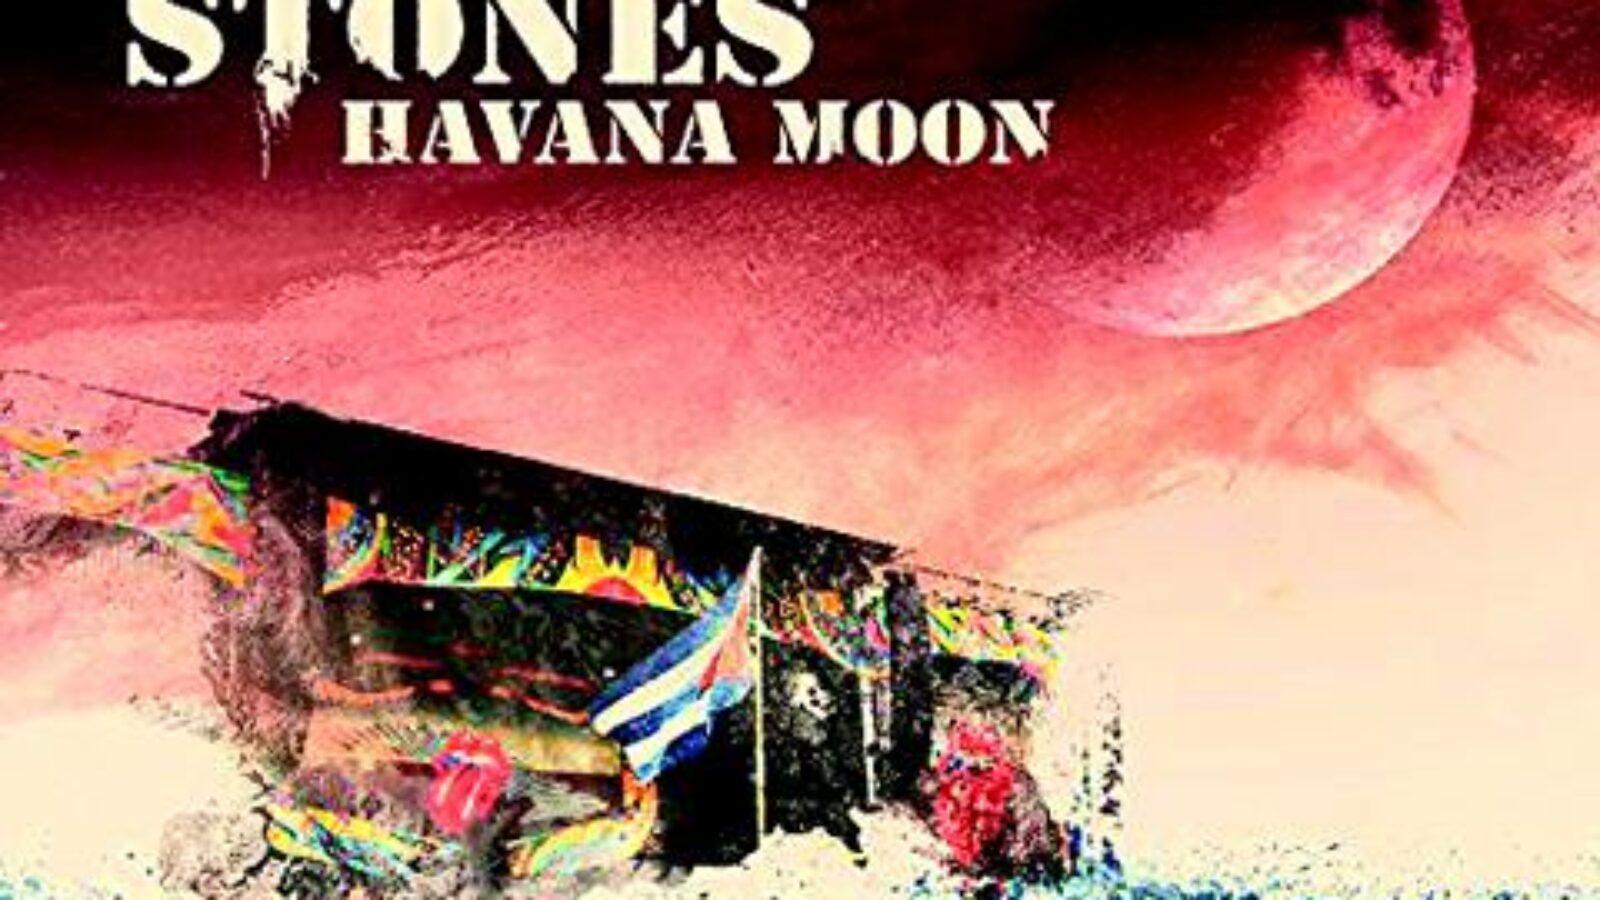 OXMOX CD-Tipp : THE ROLLING STONES – Havana Moon